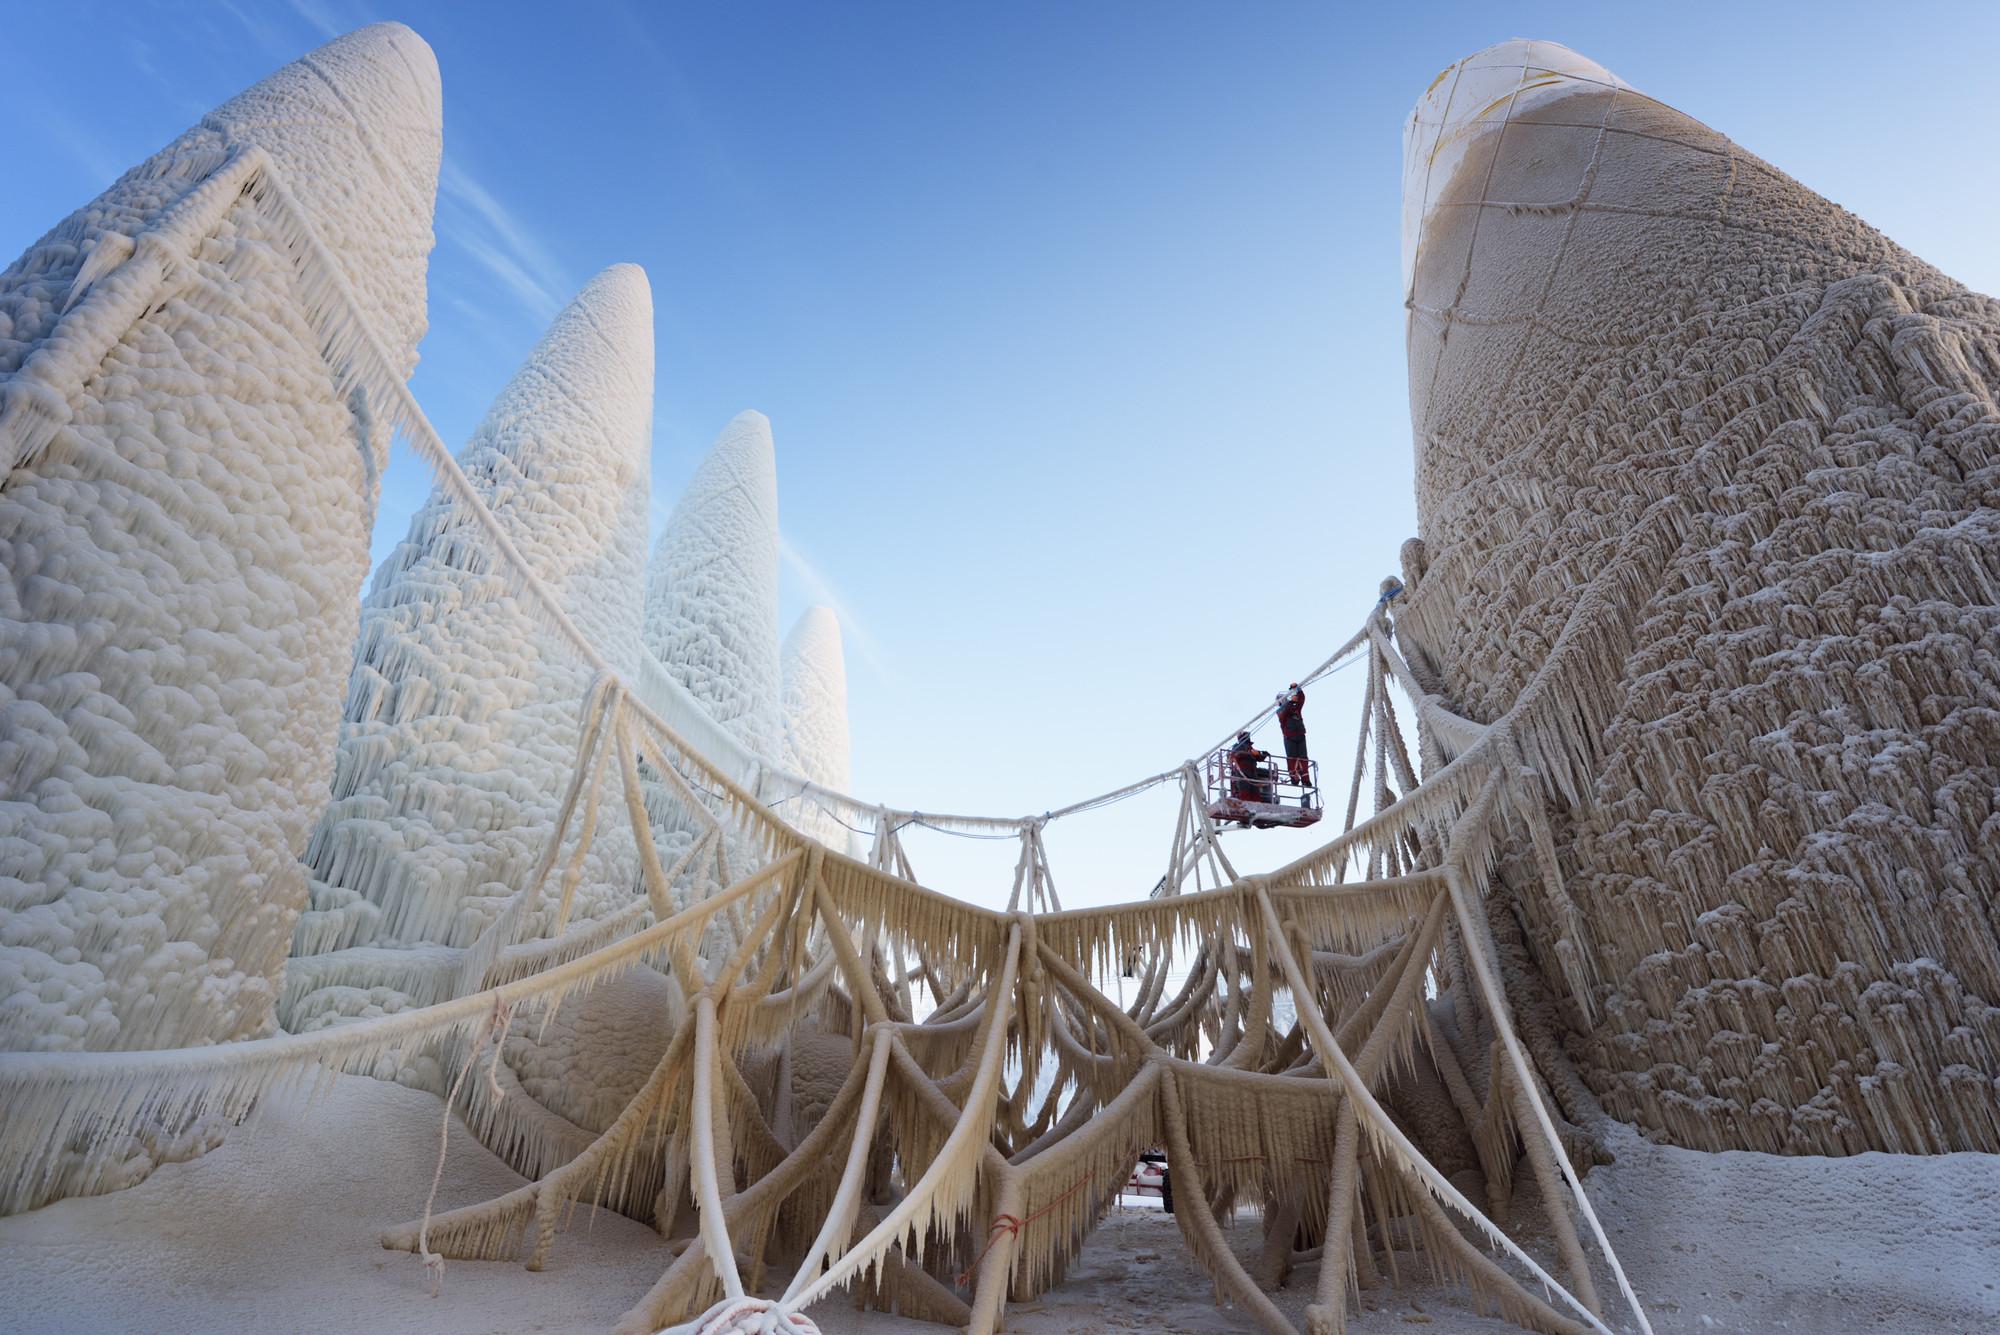 La Sagrada Familia de Gaudí en el hielo. Imagen © Bart van Overbeeke